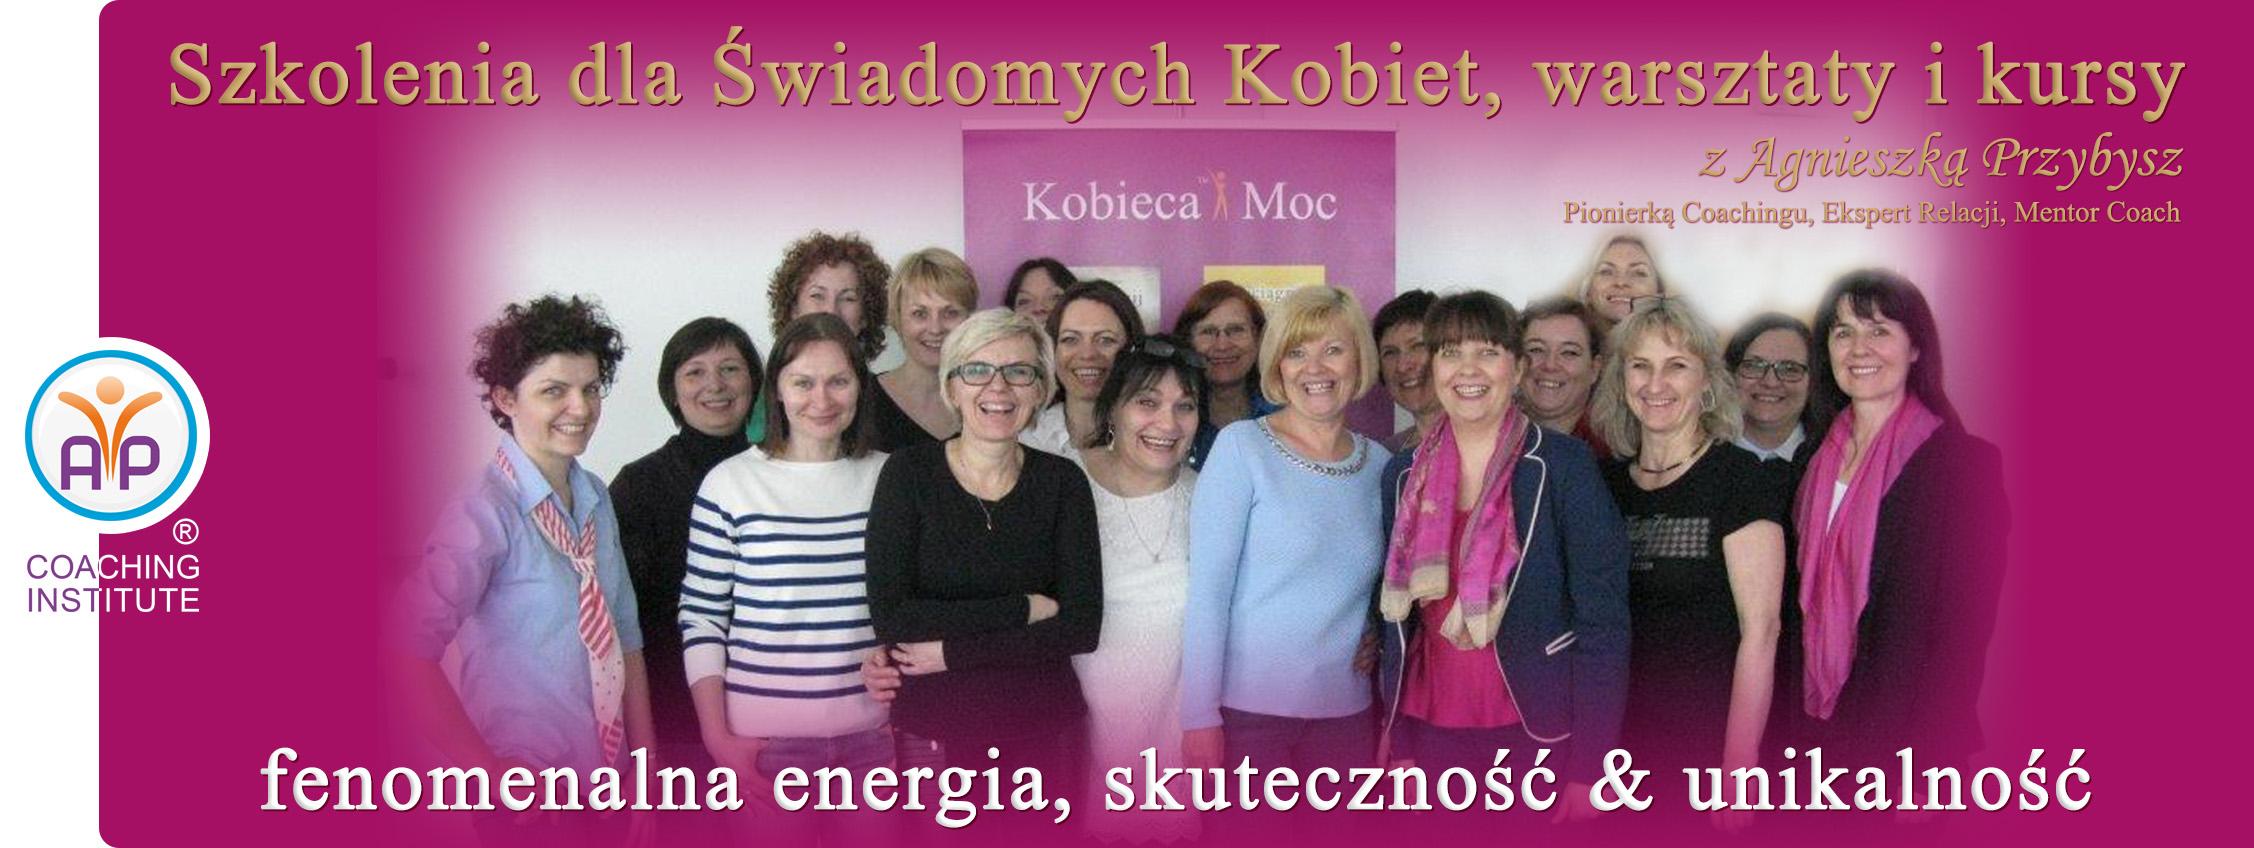 szkolenia-dla-kobiet-warsztaty-skuteczne-kursy-agnieszka-przybysz